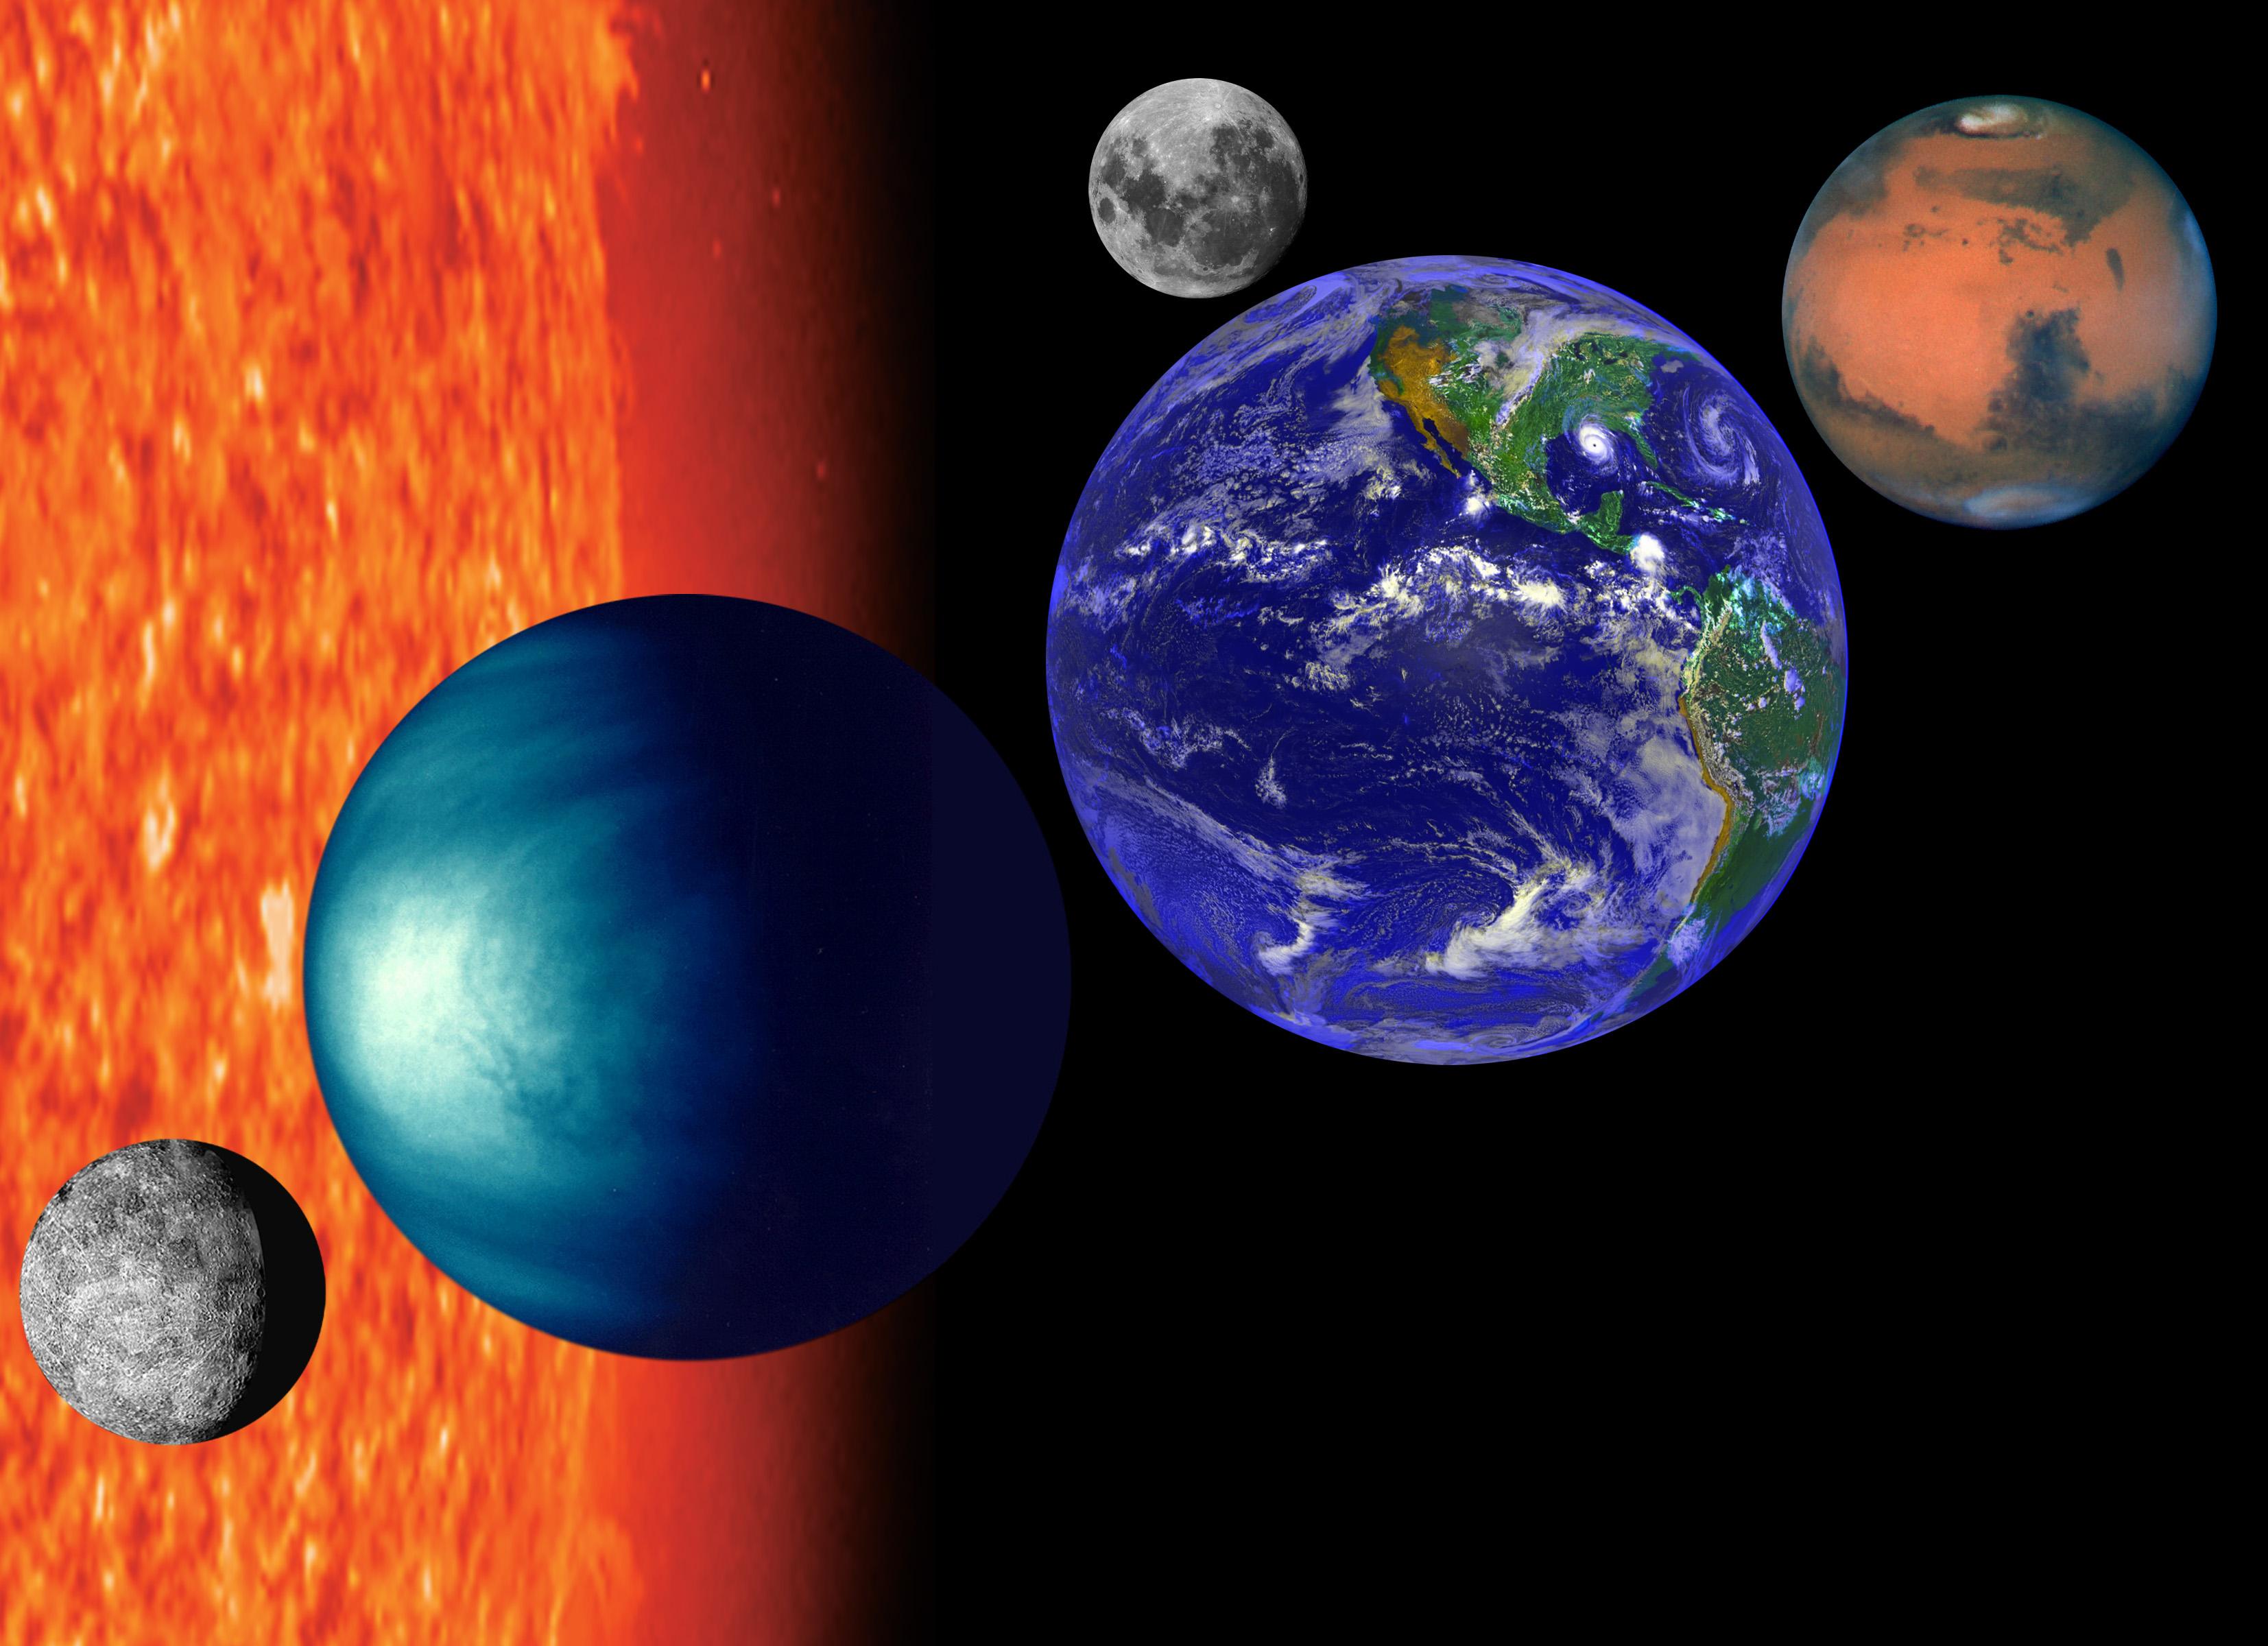 стойка очень картинки меркурий венера земля марс лучших